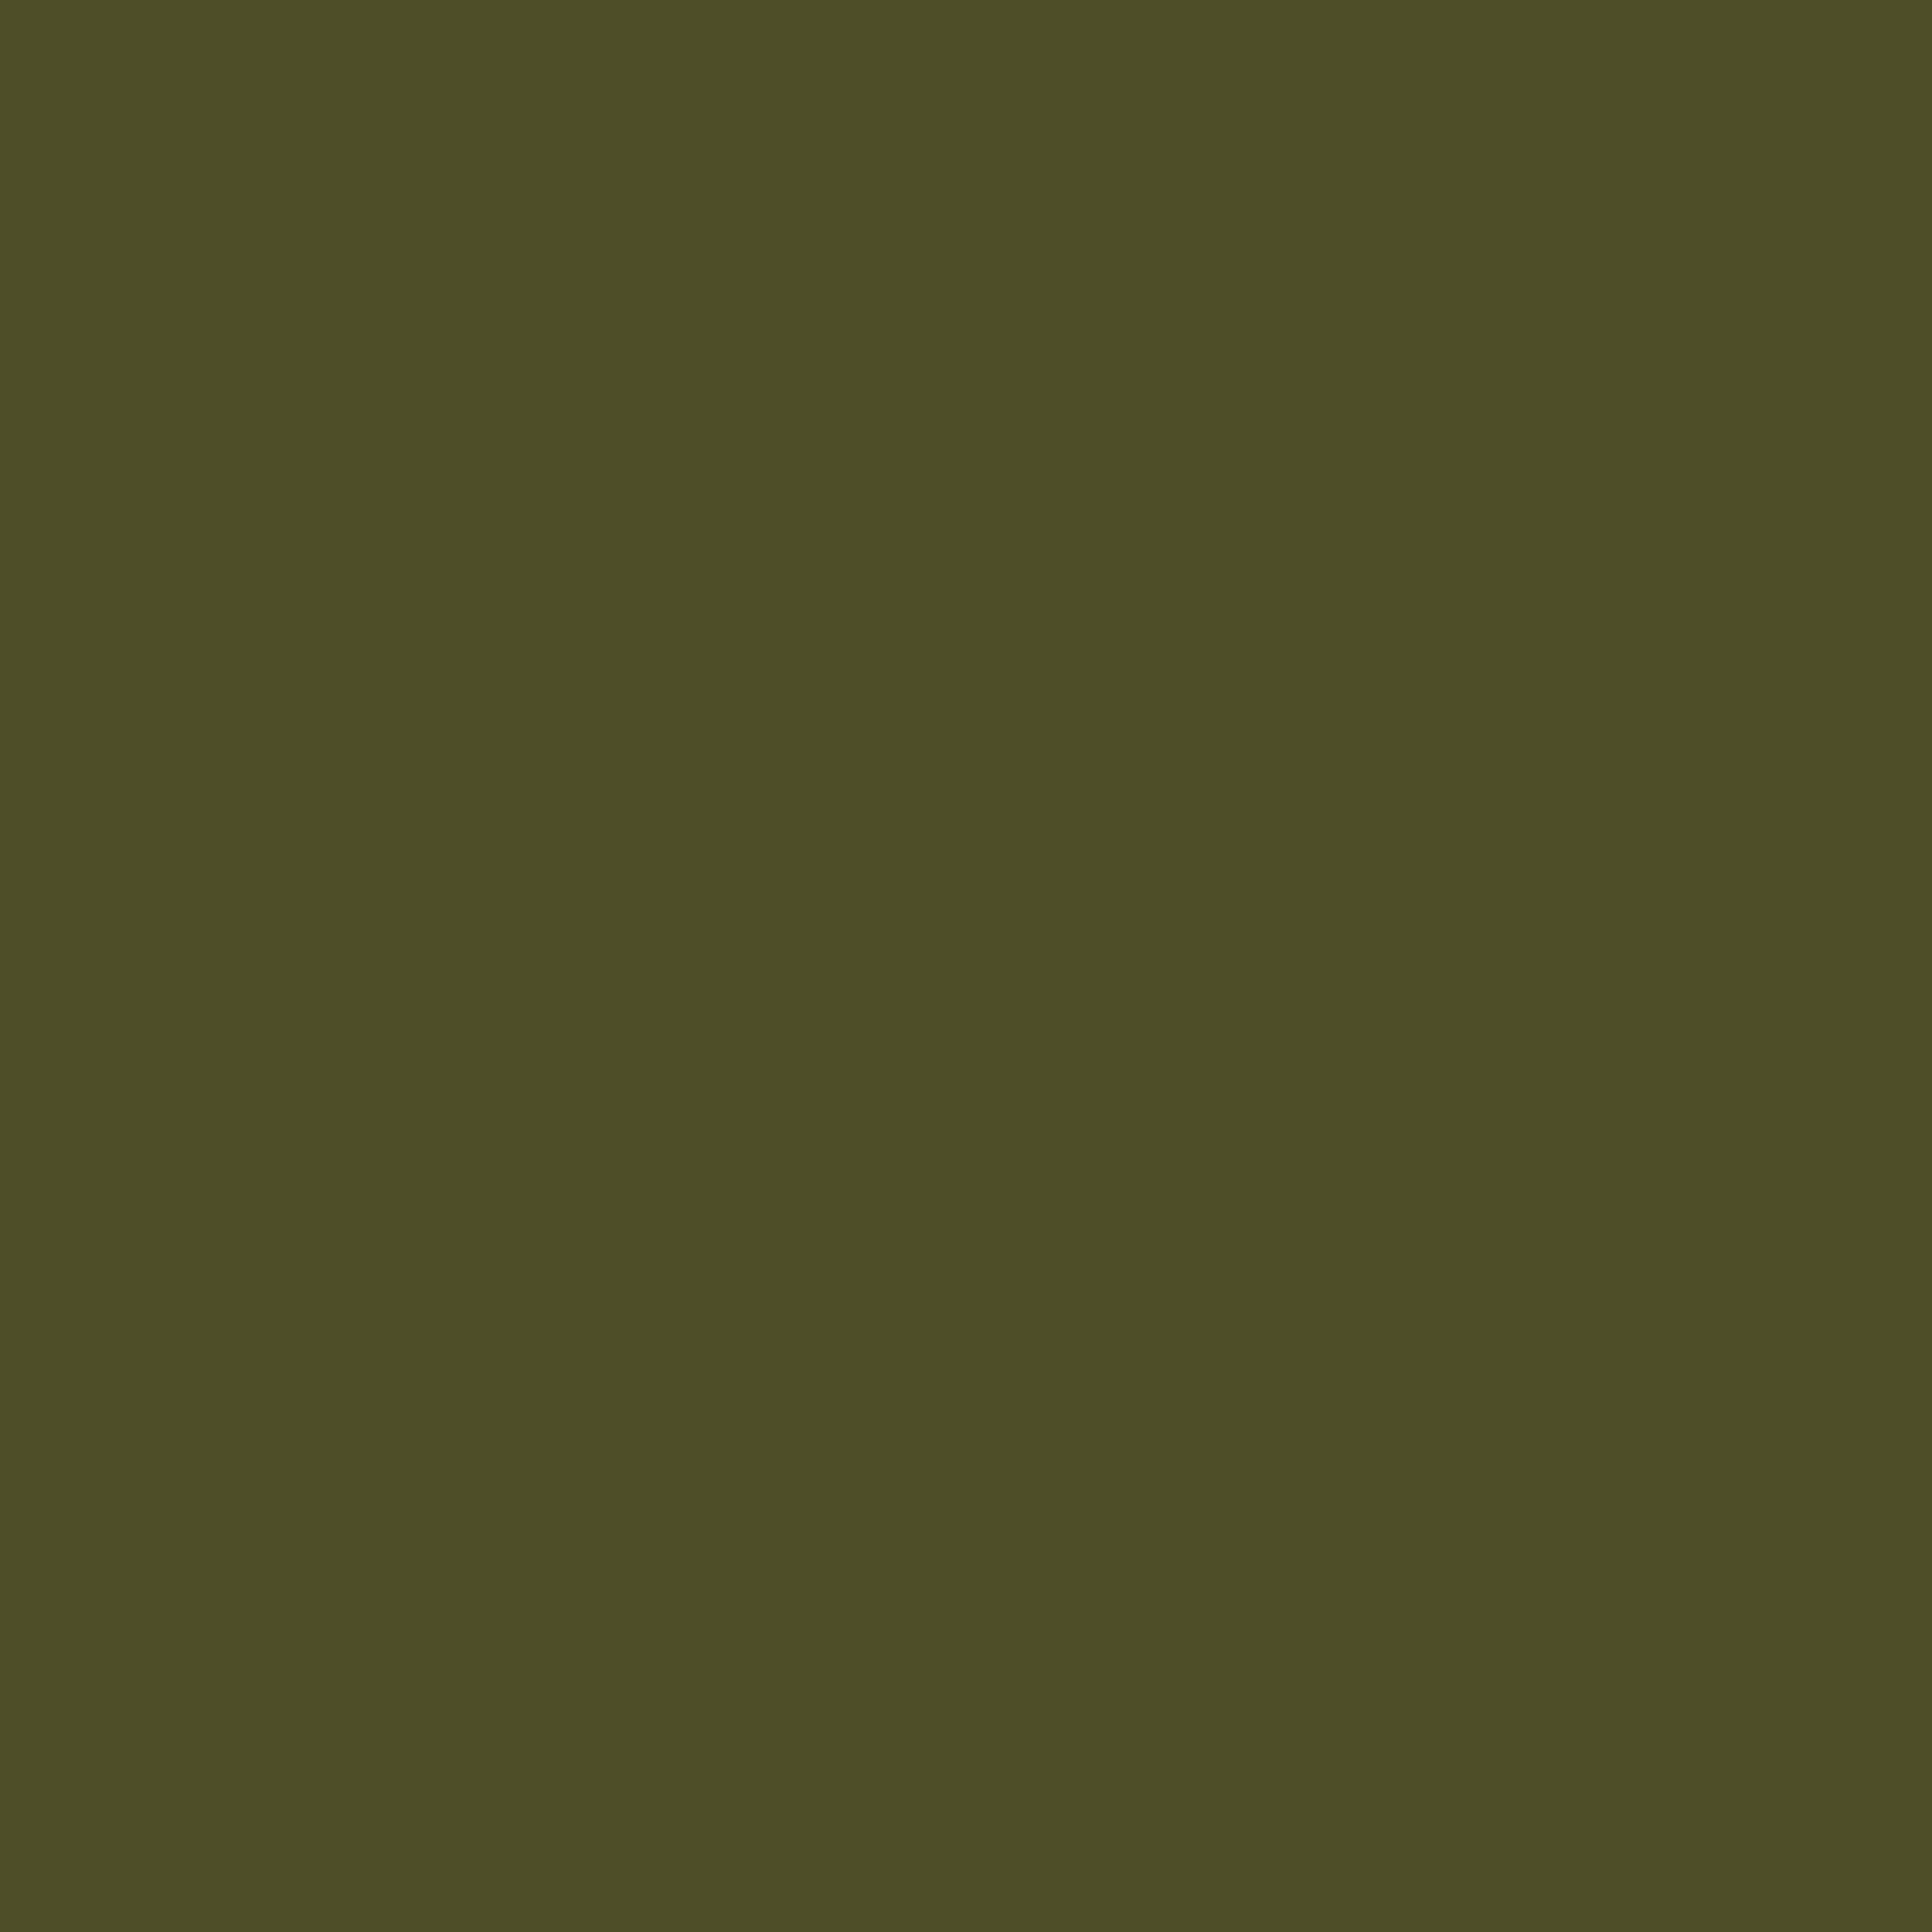 Swedteam green